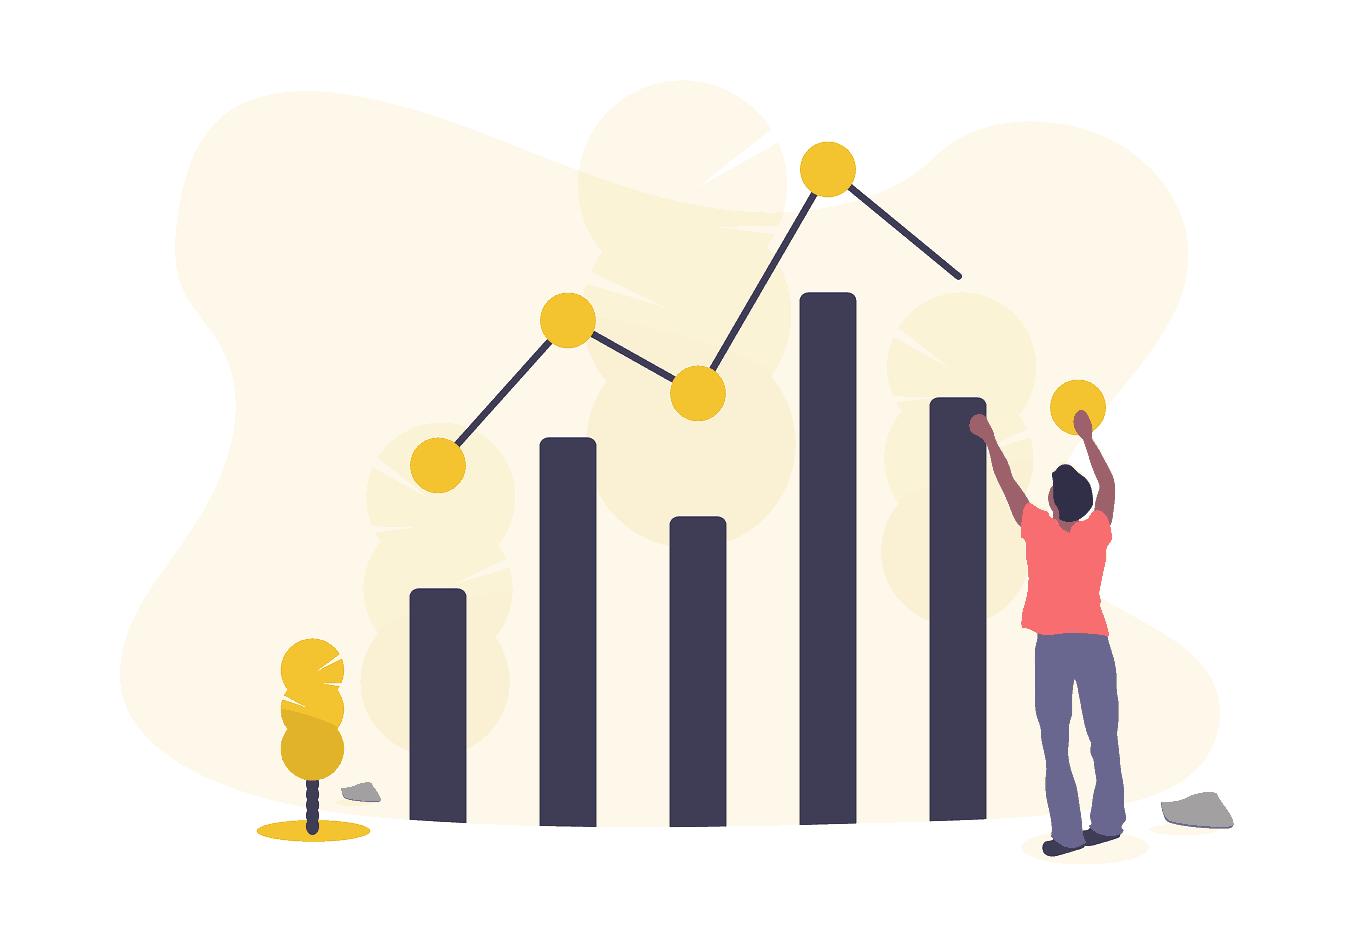 Wisite בניית אתרים לעסקים - אתר חכם, בחירה חכמה. האתרים החכמים הם האמצעי, המטרה היא לשפר את הרווחיות לעסקים ולייצר ערך אמיתי ללקוח.